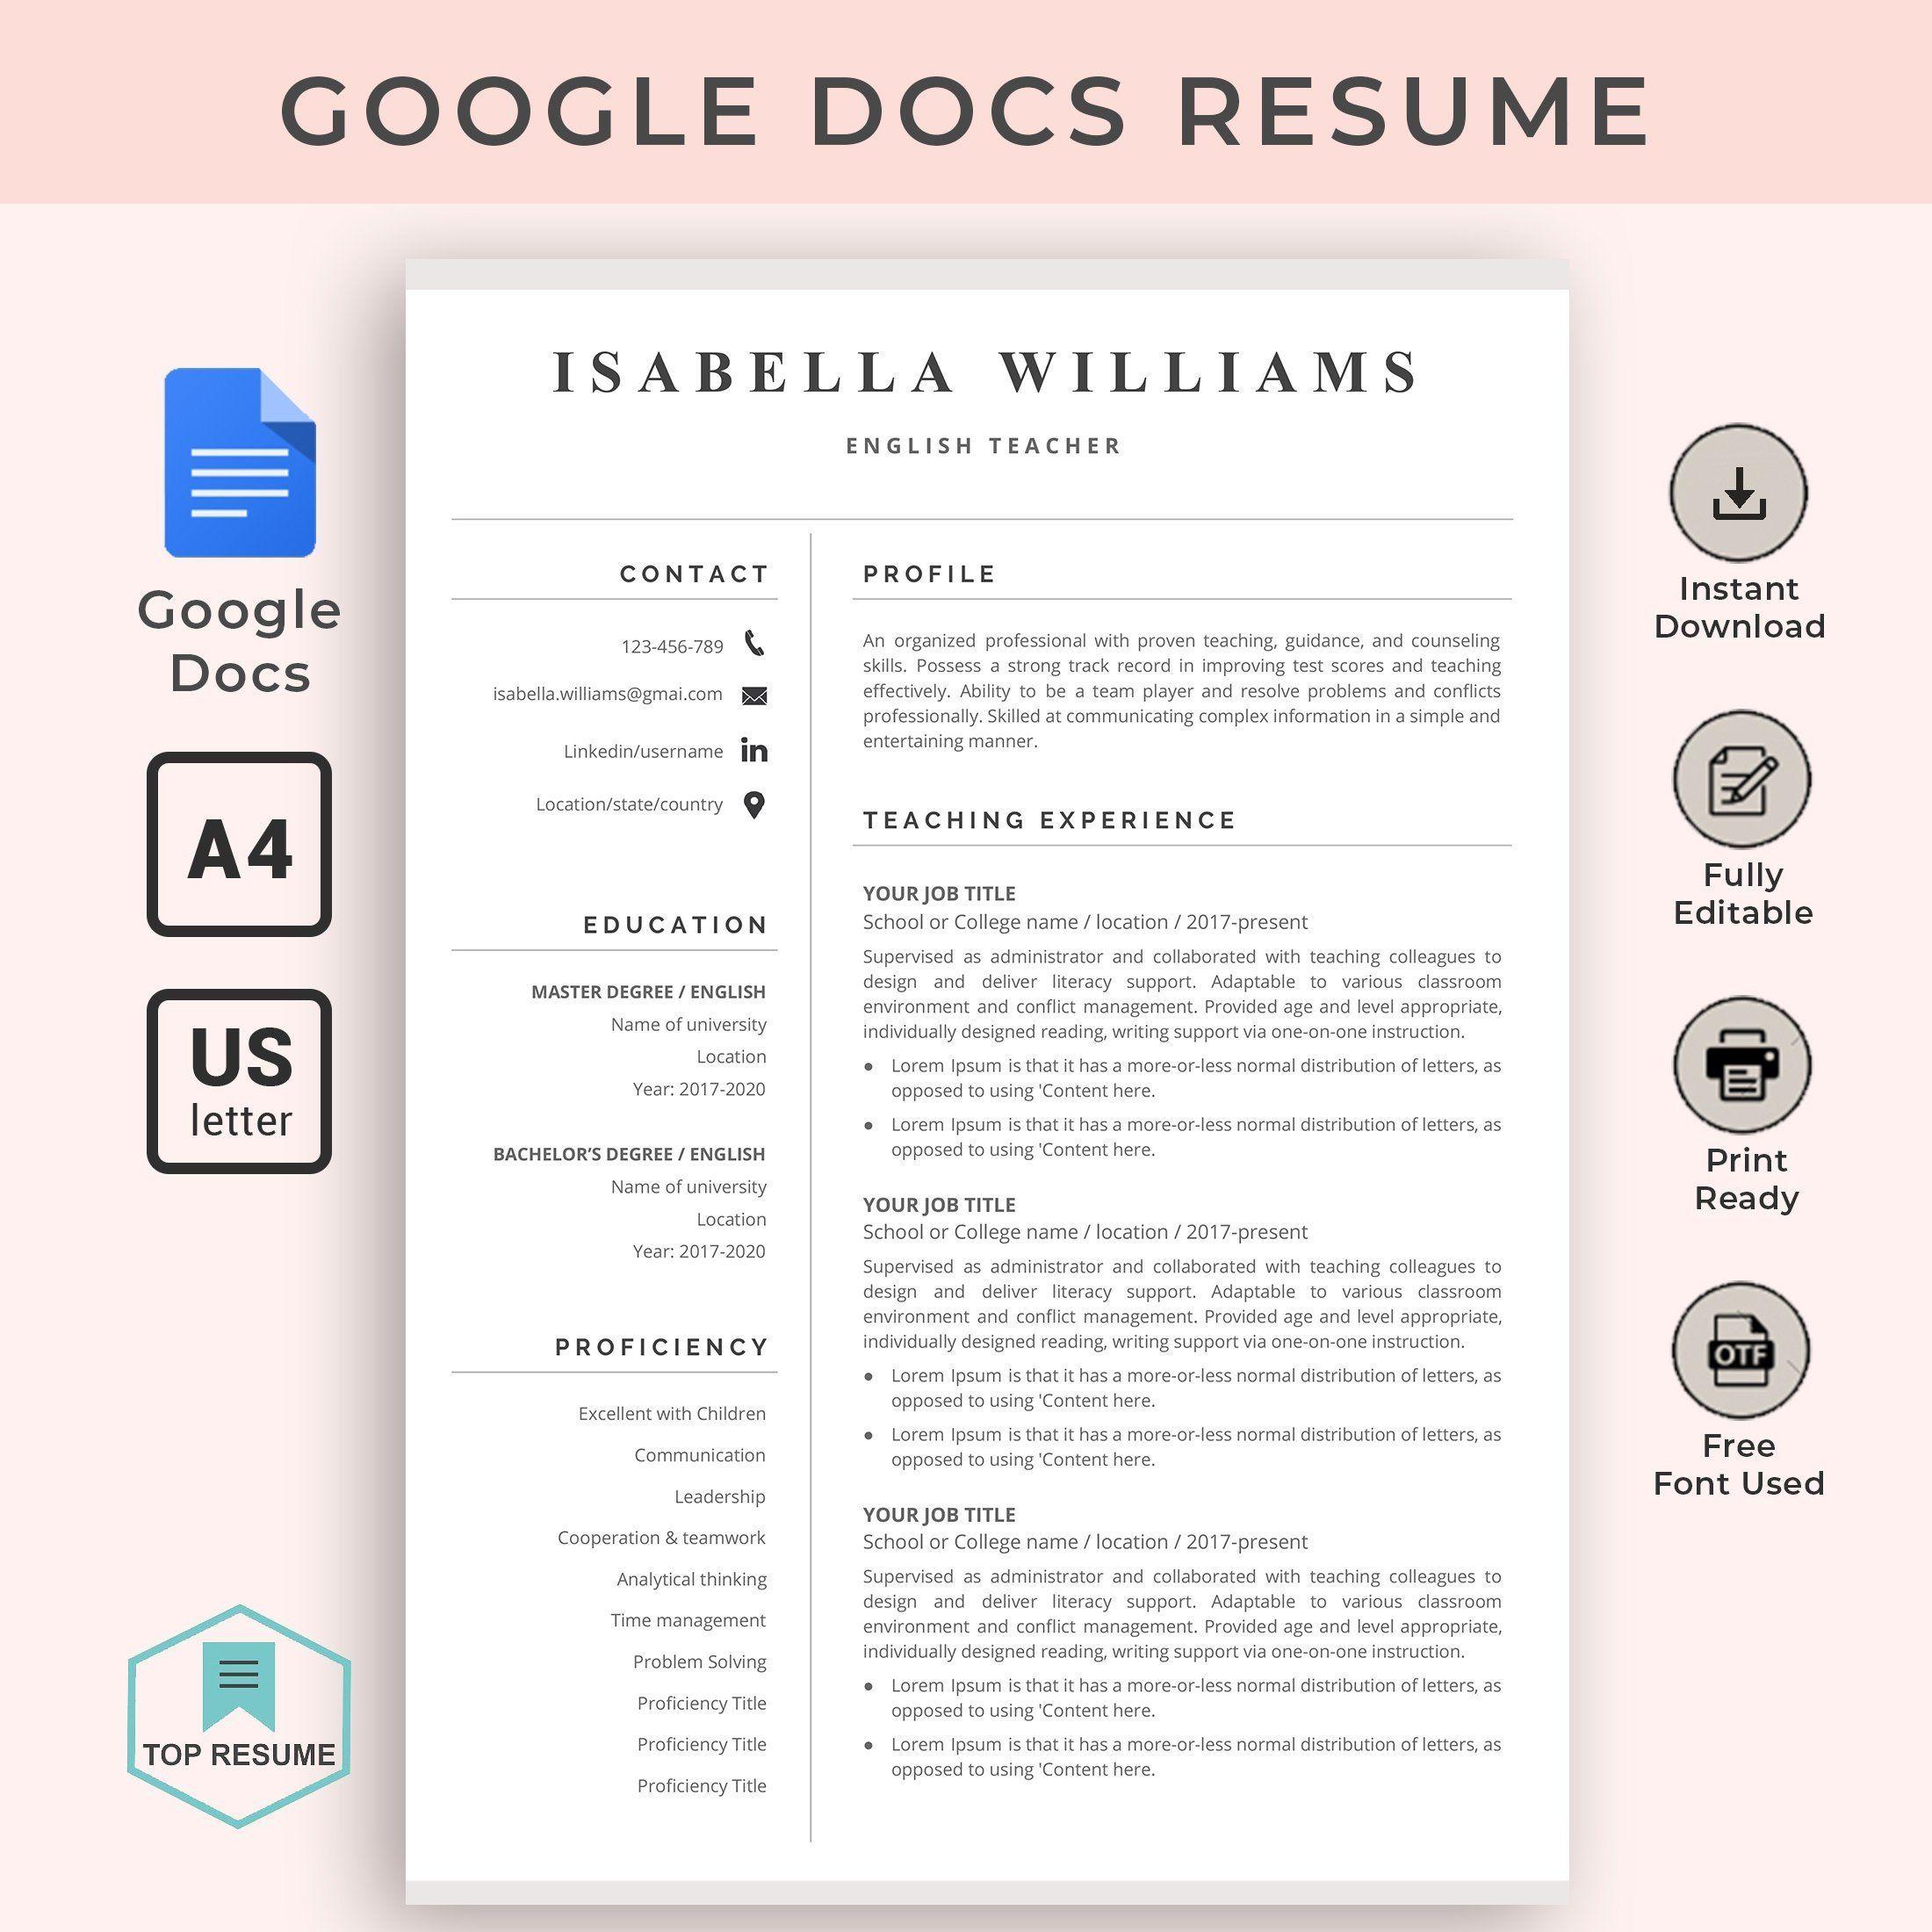 Google Docs Resume Examples